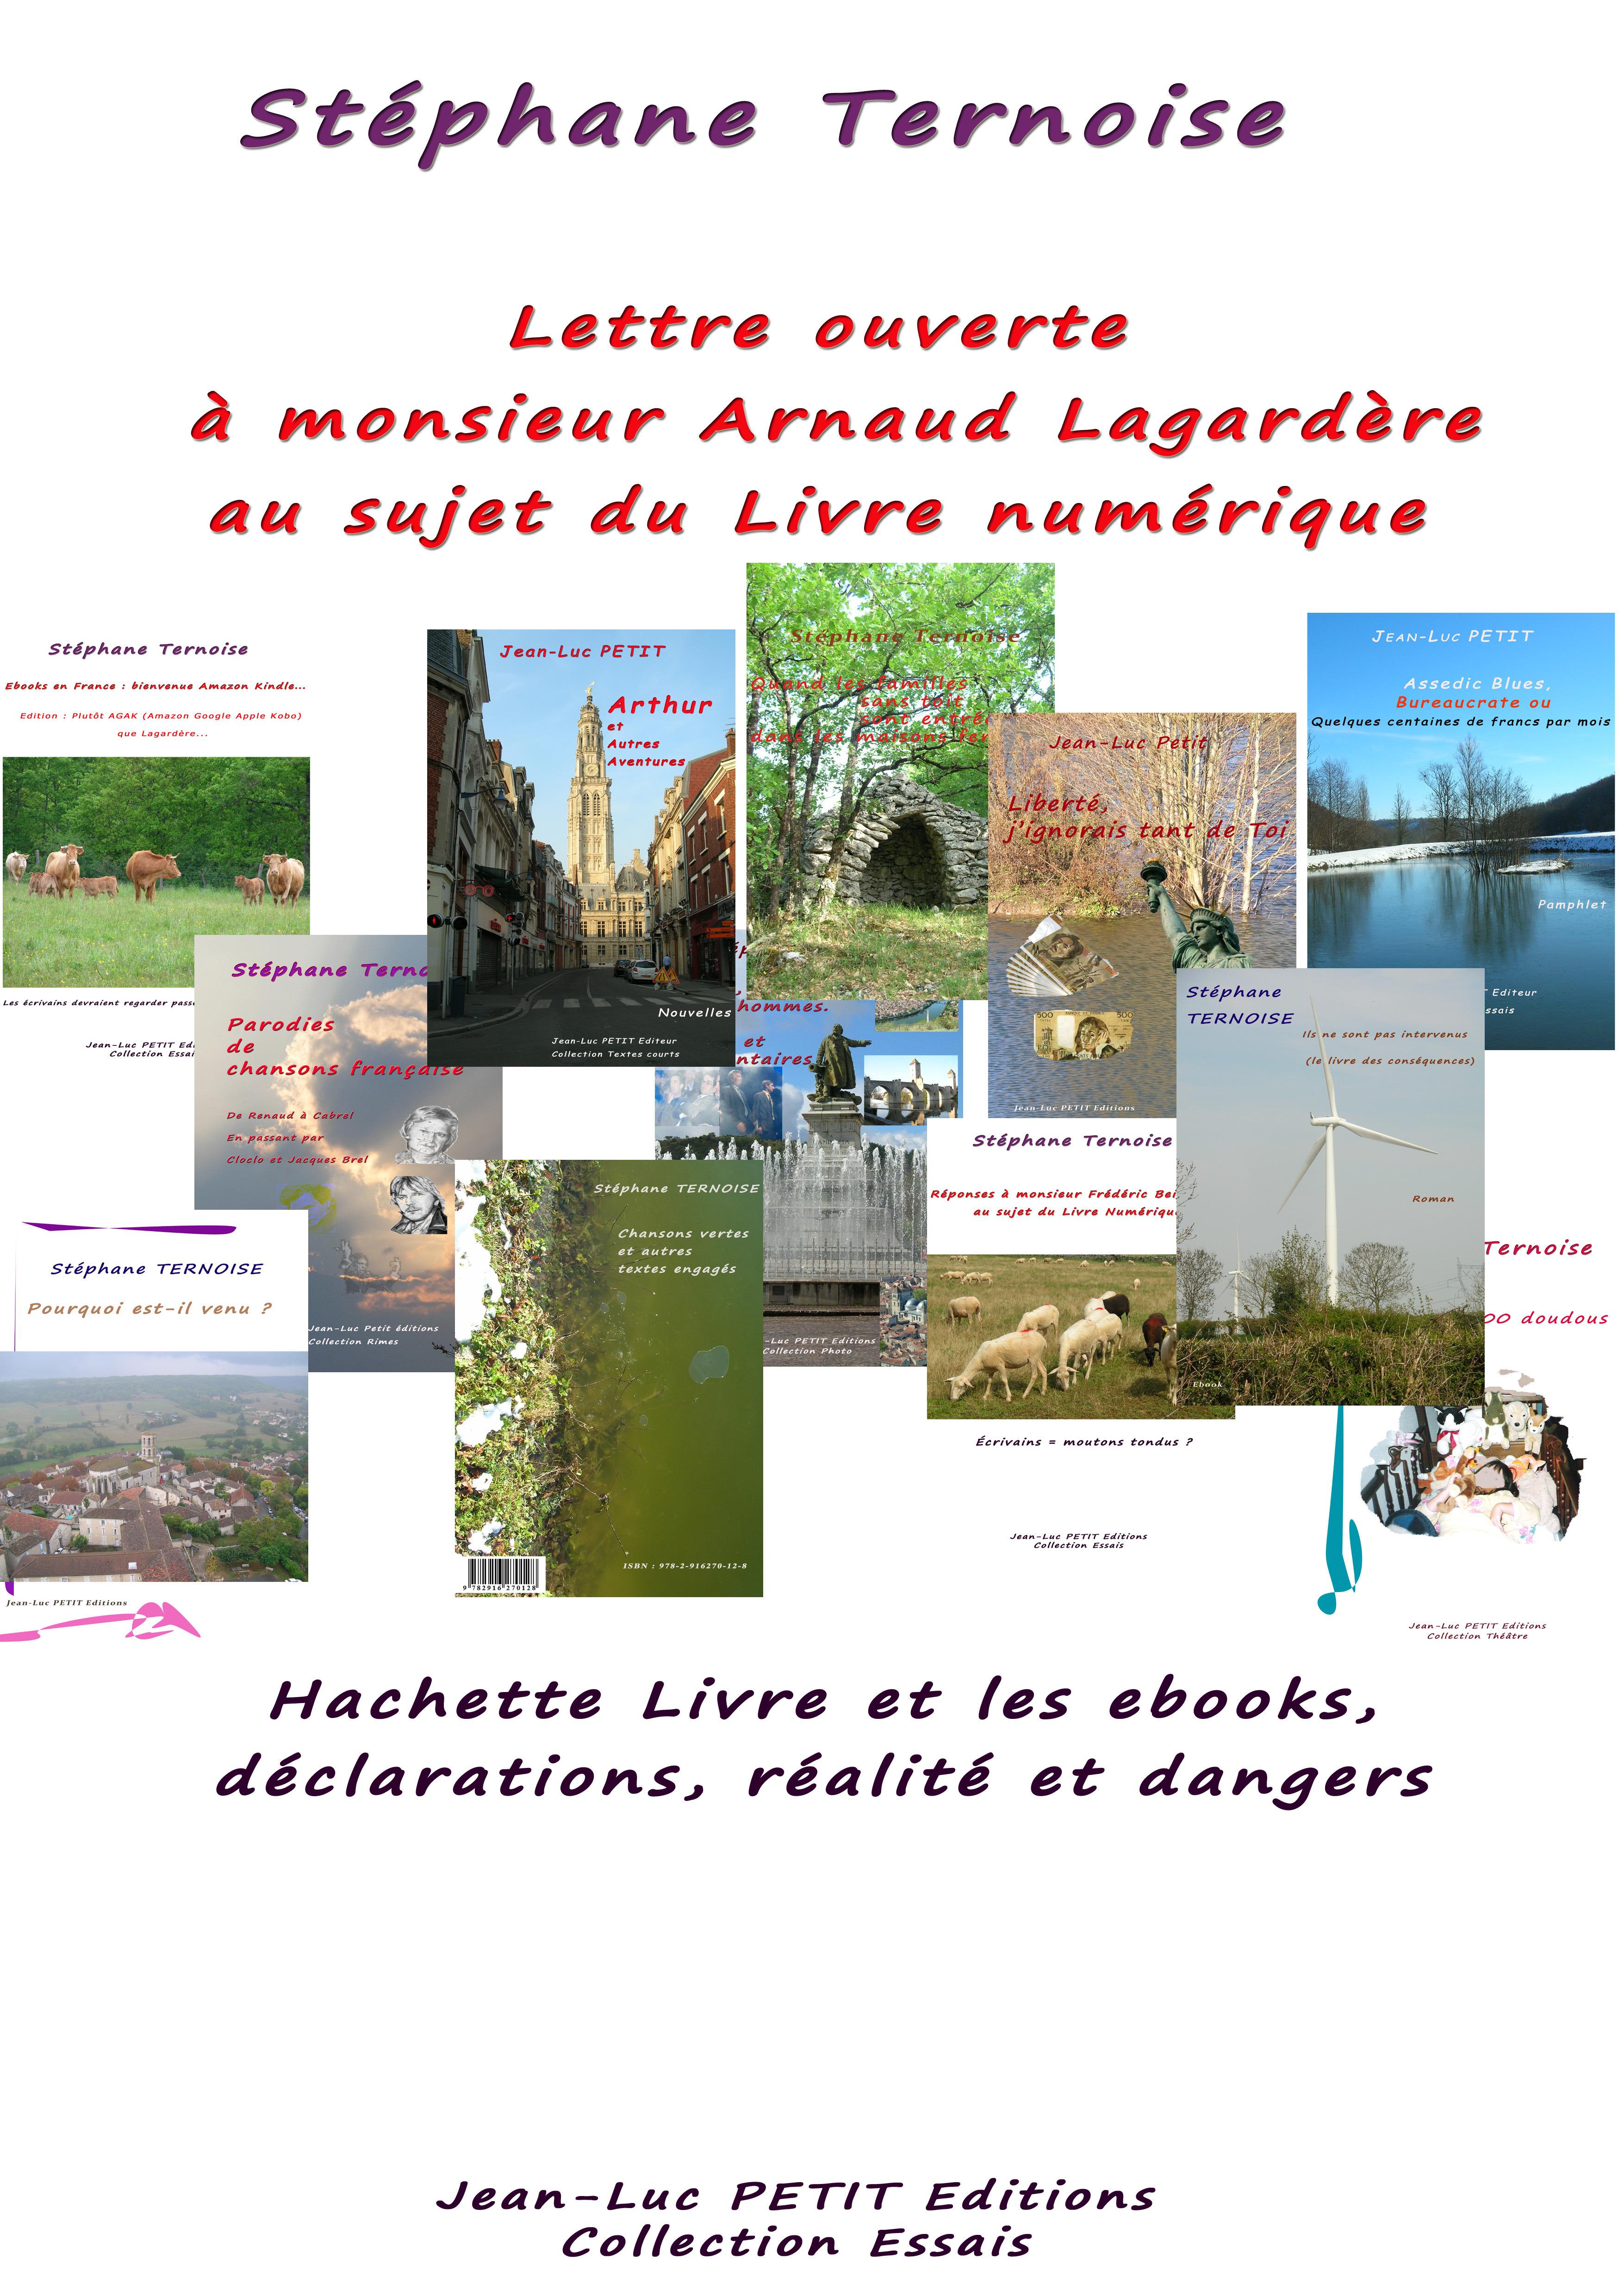 Lettre ouverte à monsieur Arnaud Lagardère au sujet du Livre numérique